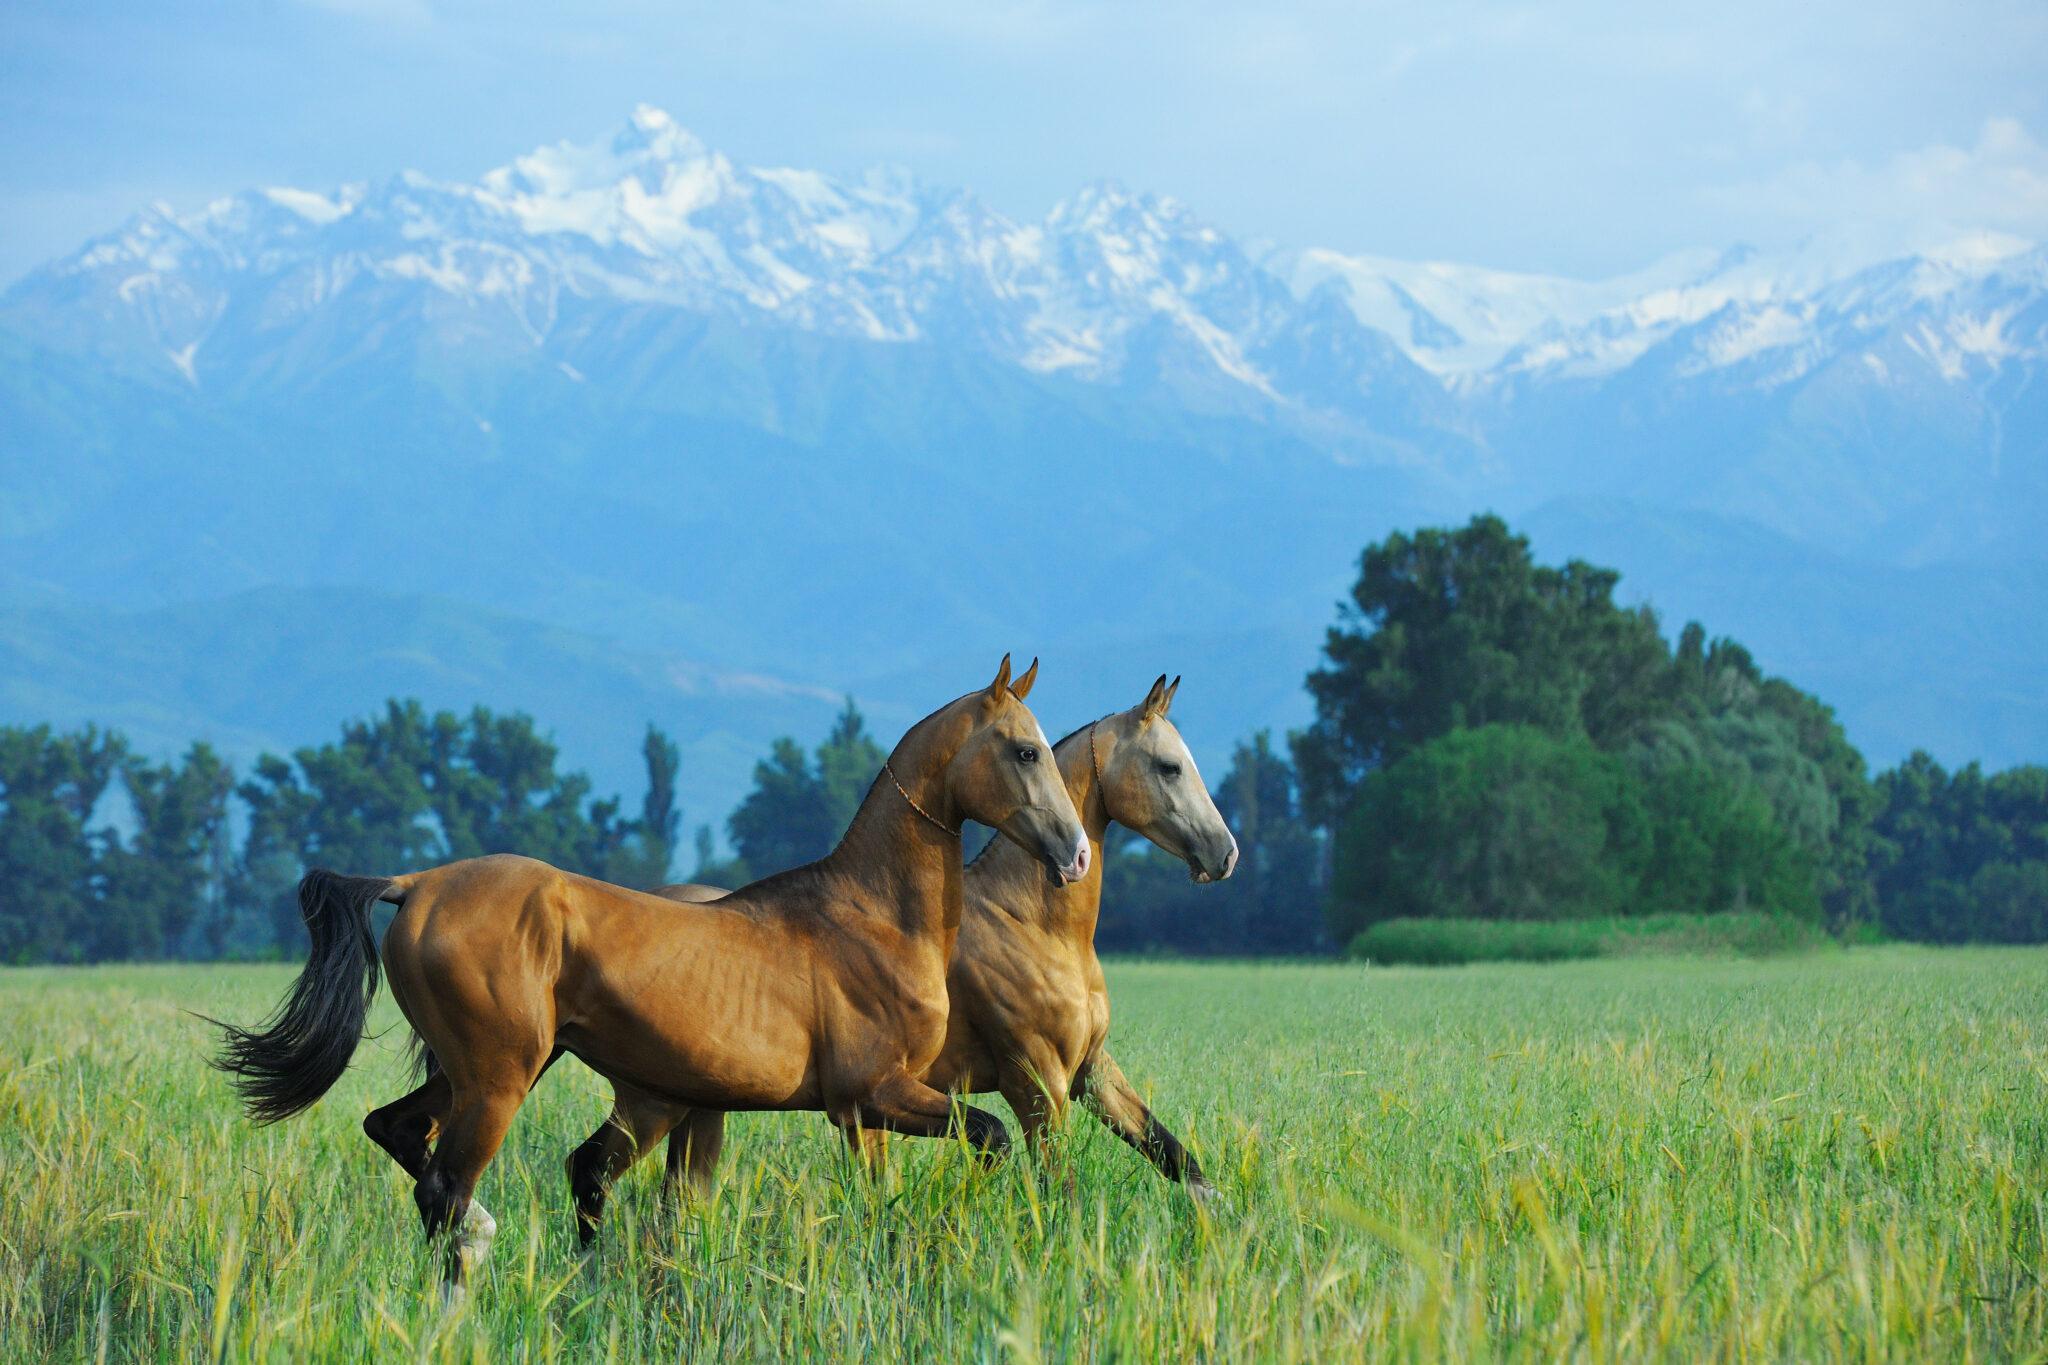 Horse Breed: Akhal-Teke - photo via arthorse/Shutterstock.com - Globetrotting horse riding holidays